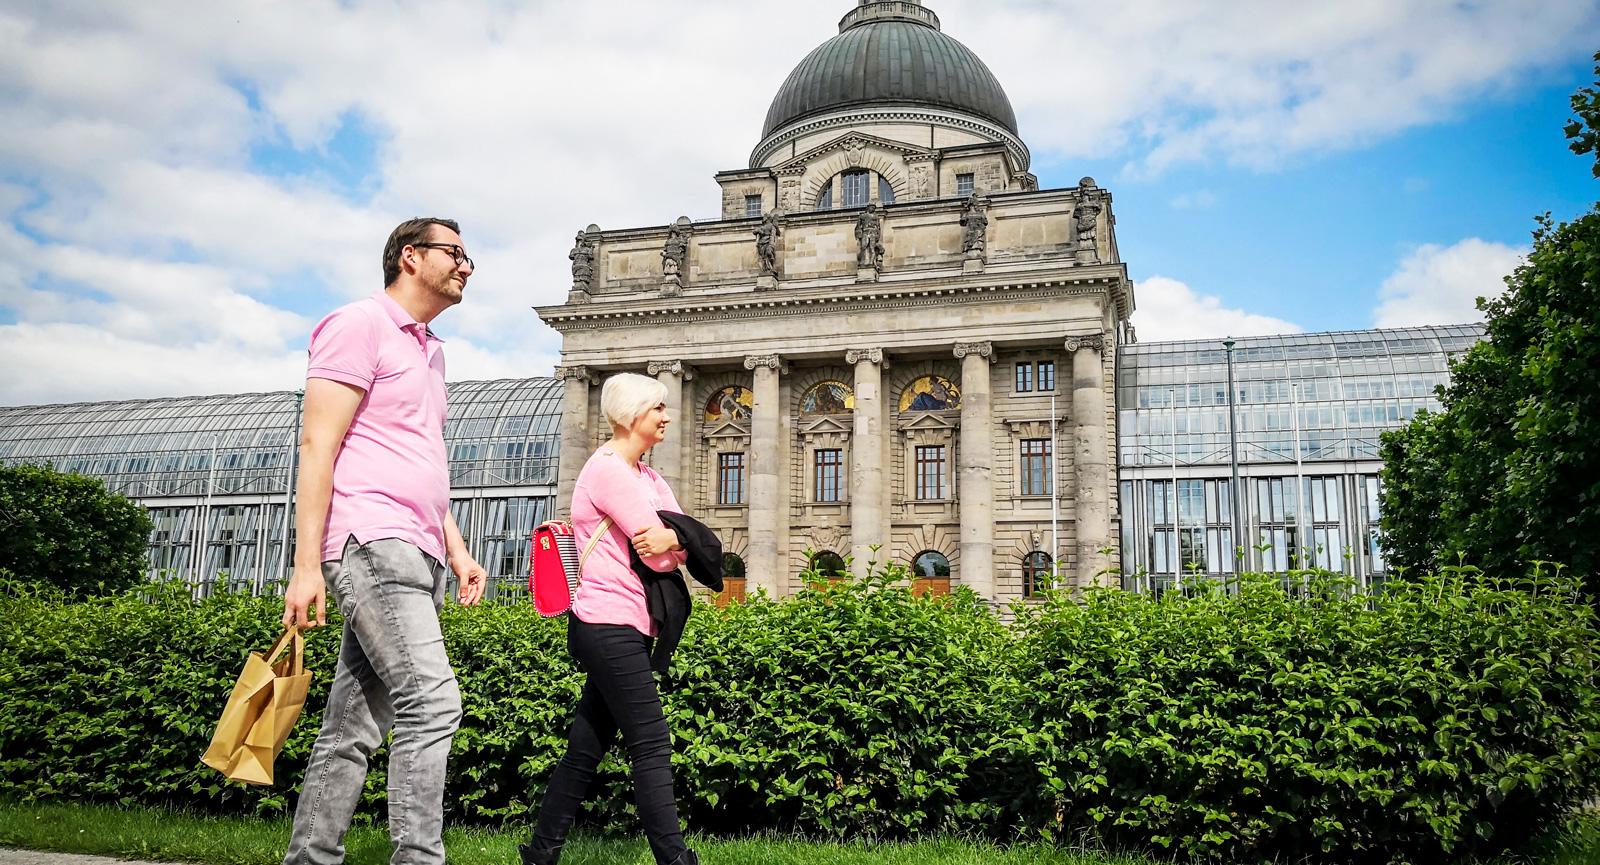 Kanslibyggnaden är en av många arkitektoniska pärlor i München. I parken finns också minnesmonumentet över de som föll offer i världskrigen.